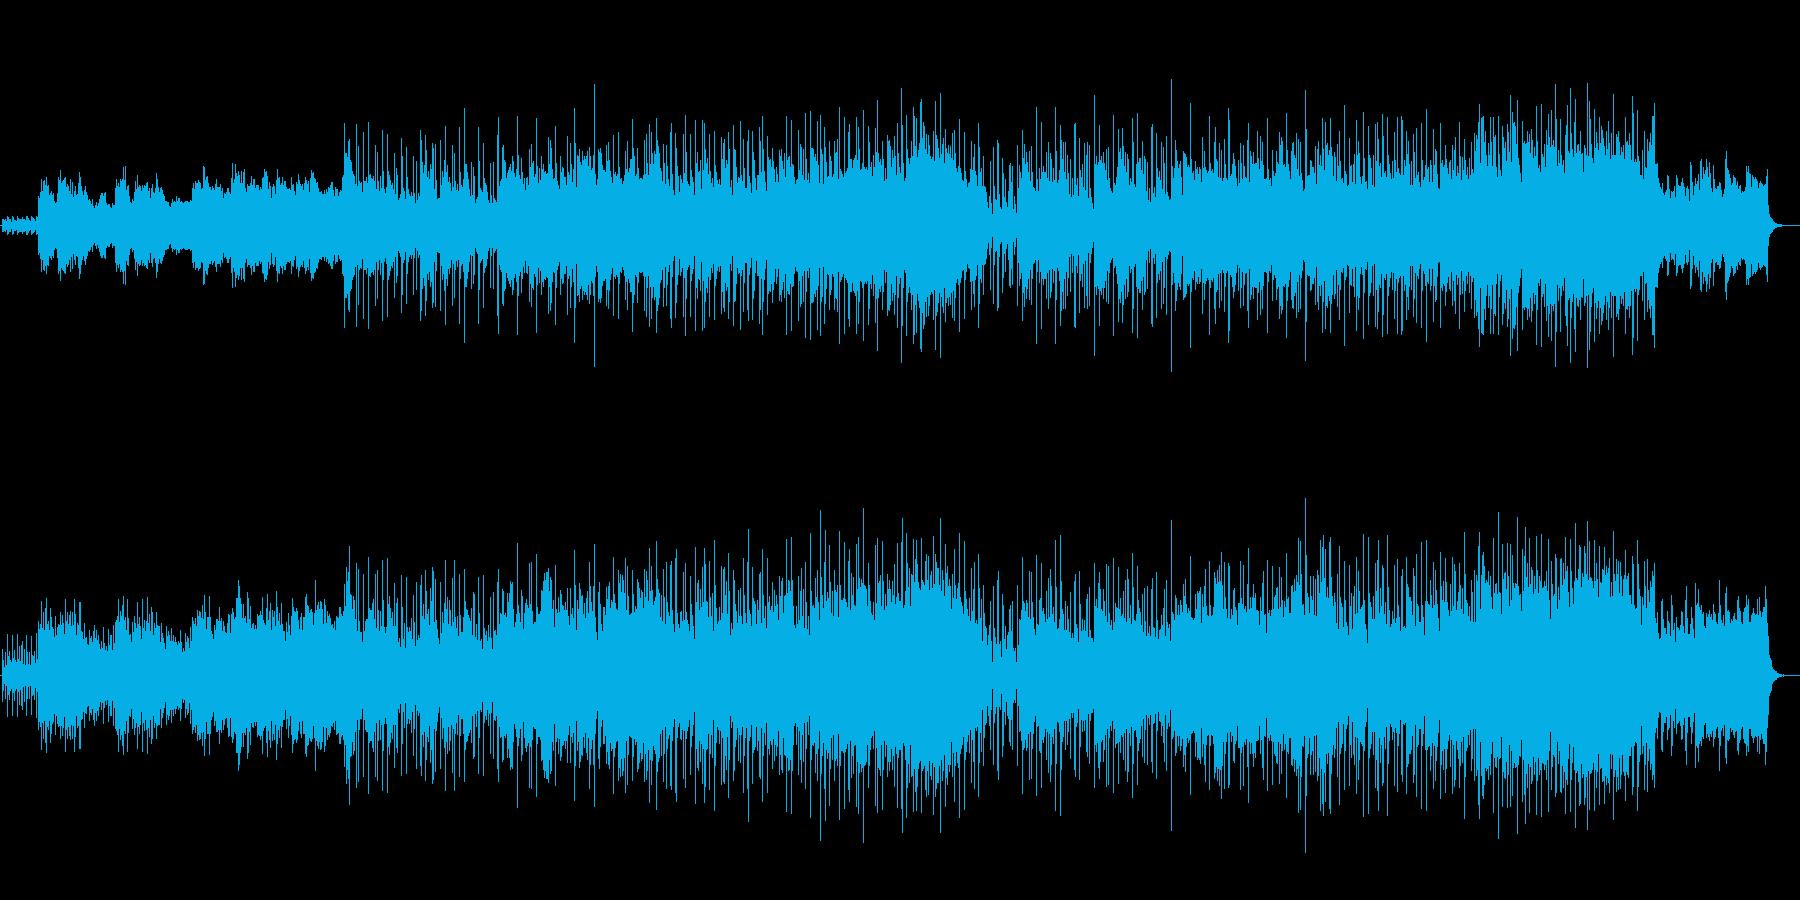 ホワイト・メモリー(クリスマスソング)の再生済みの波形